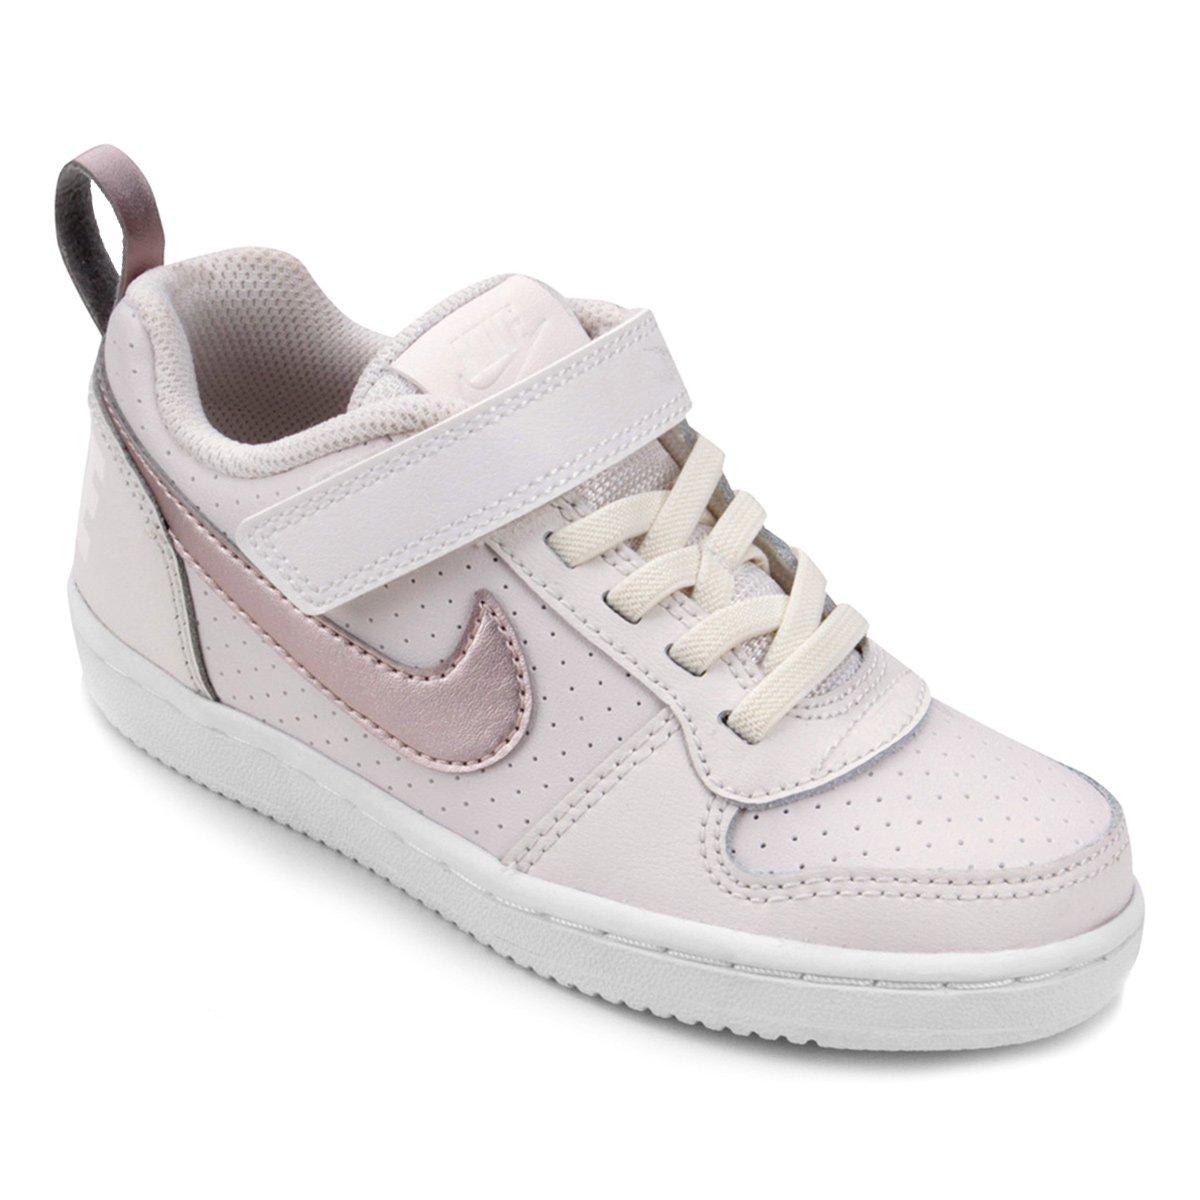 abd2eb3fe2c Tênis Infantil Nike Court Borough Low Feminino - Ouro - Compre Agora ...